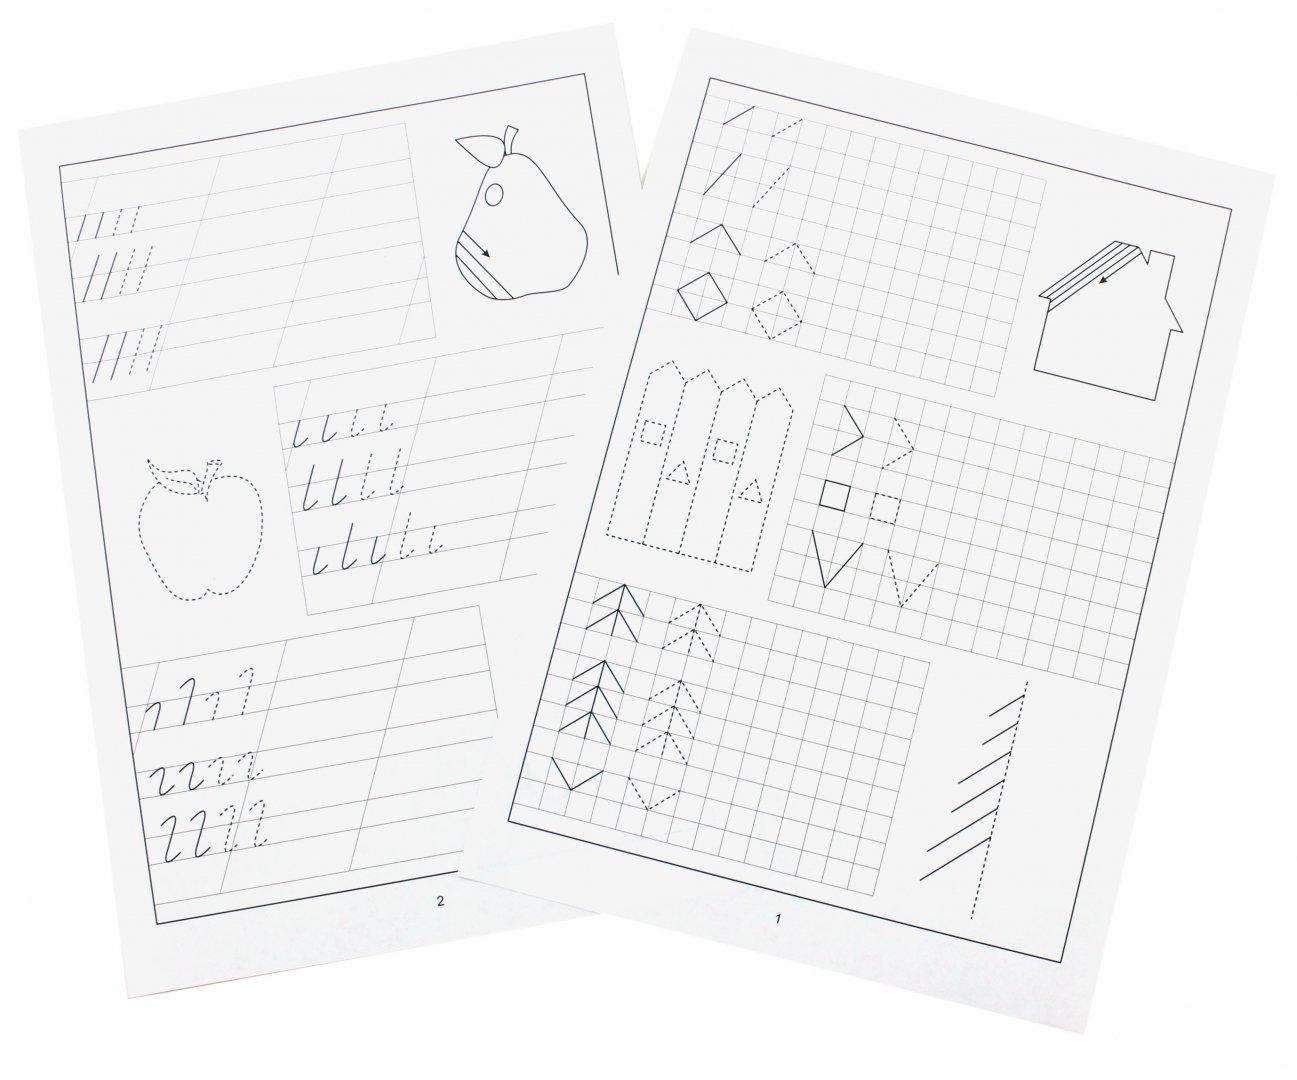 Иллюстрация 1 из 16 для Раскраска-пропись. Задания на развитие начальных графических навыков. Для детей 4-5 лет   Лабиринт - книги. Источник: Лабиринт